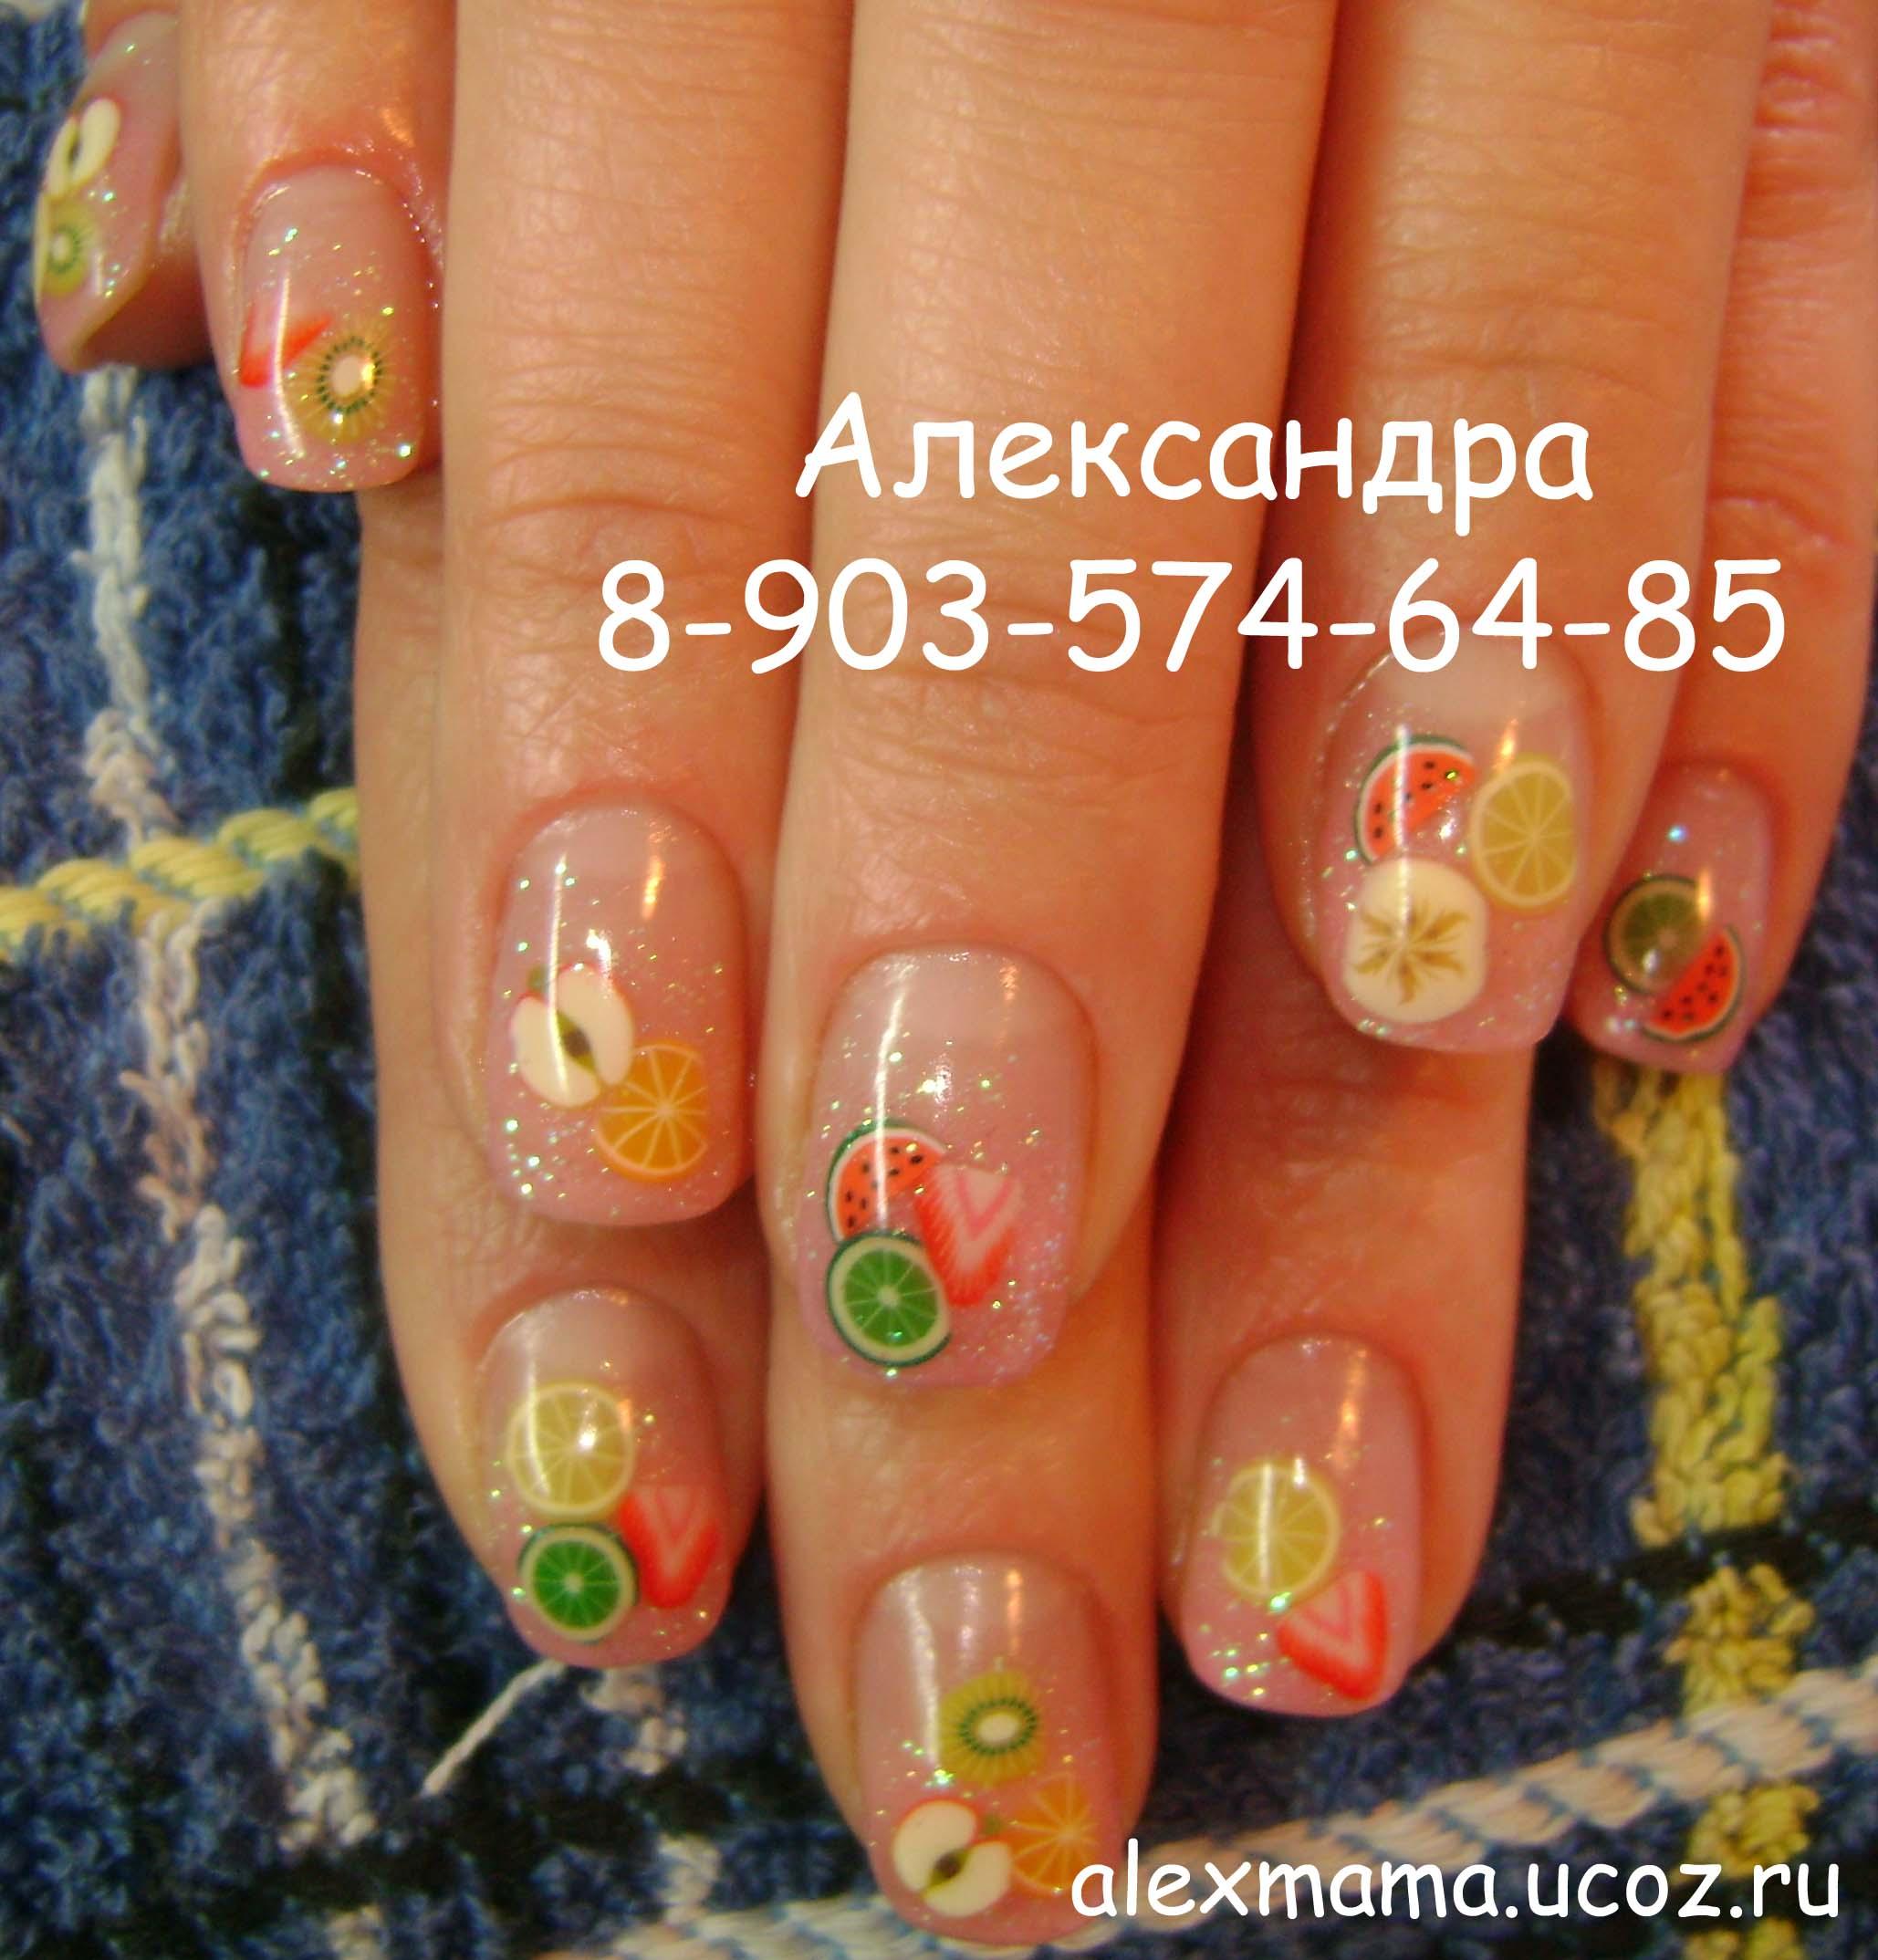 Аквариум на ногтях фрукты фото